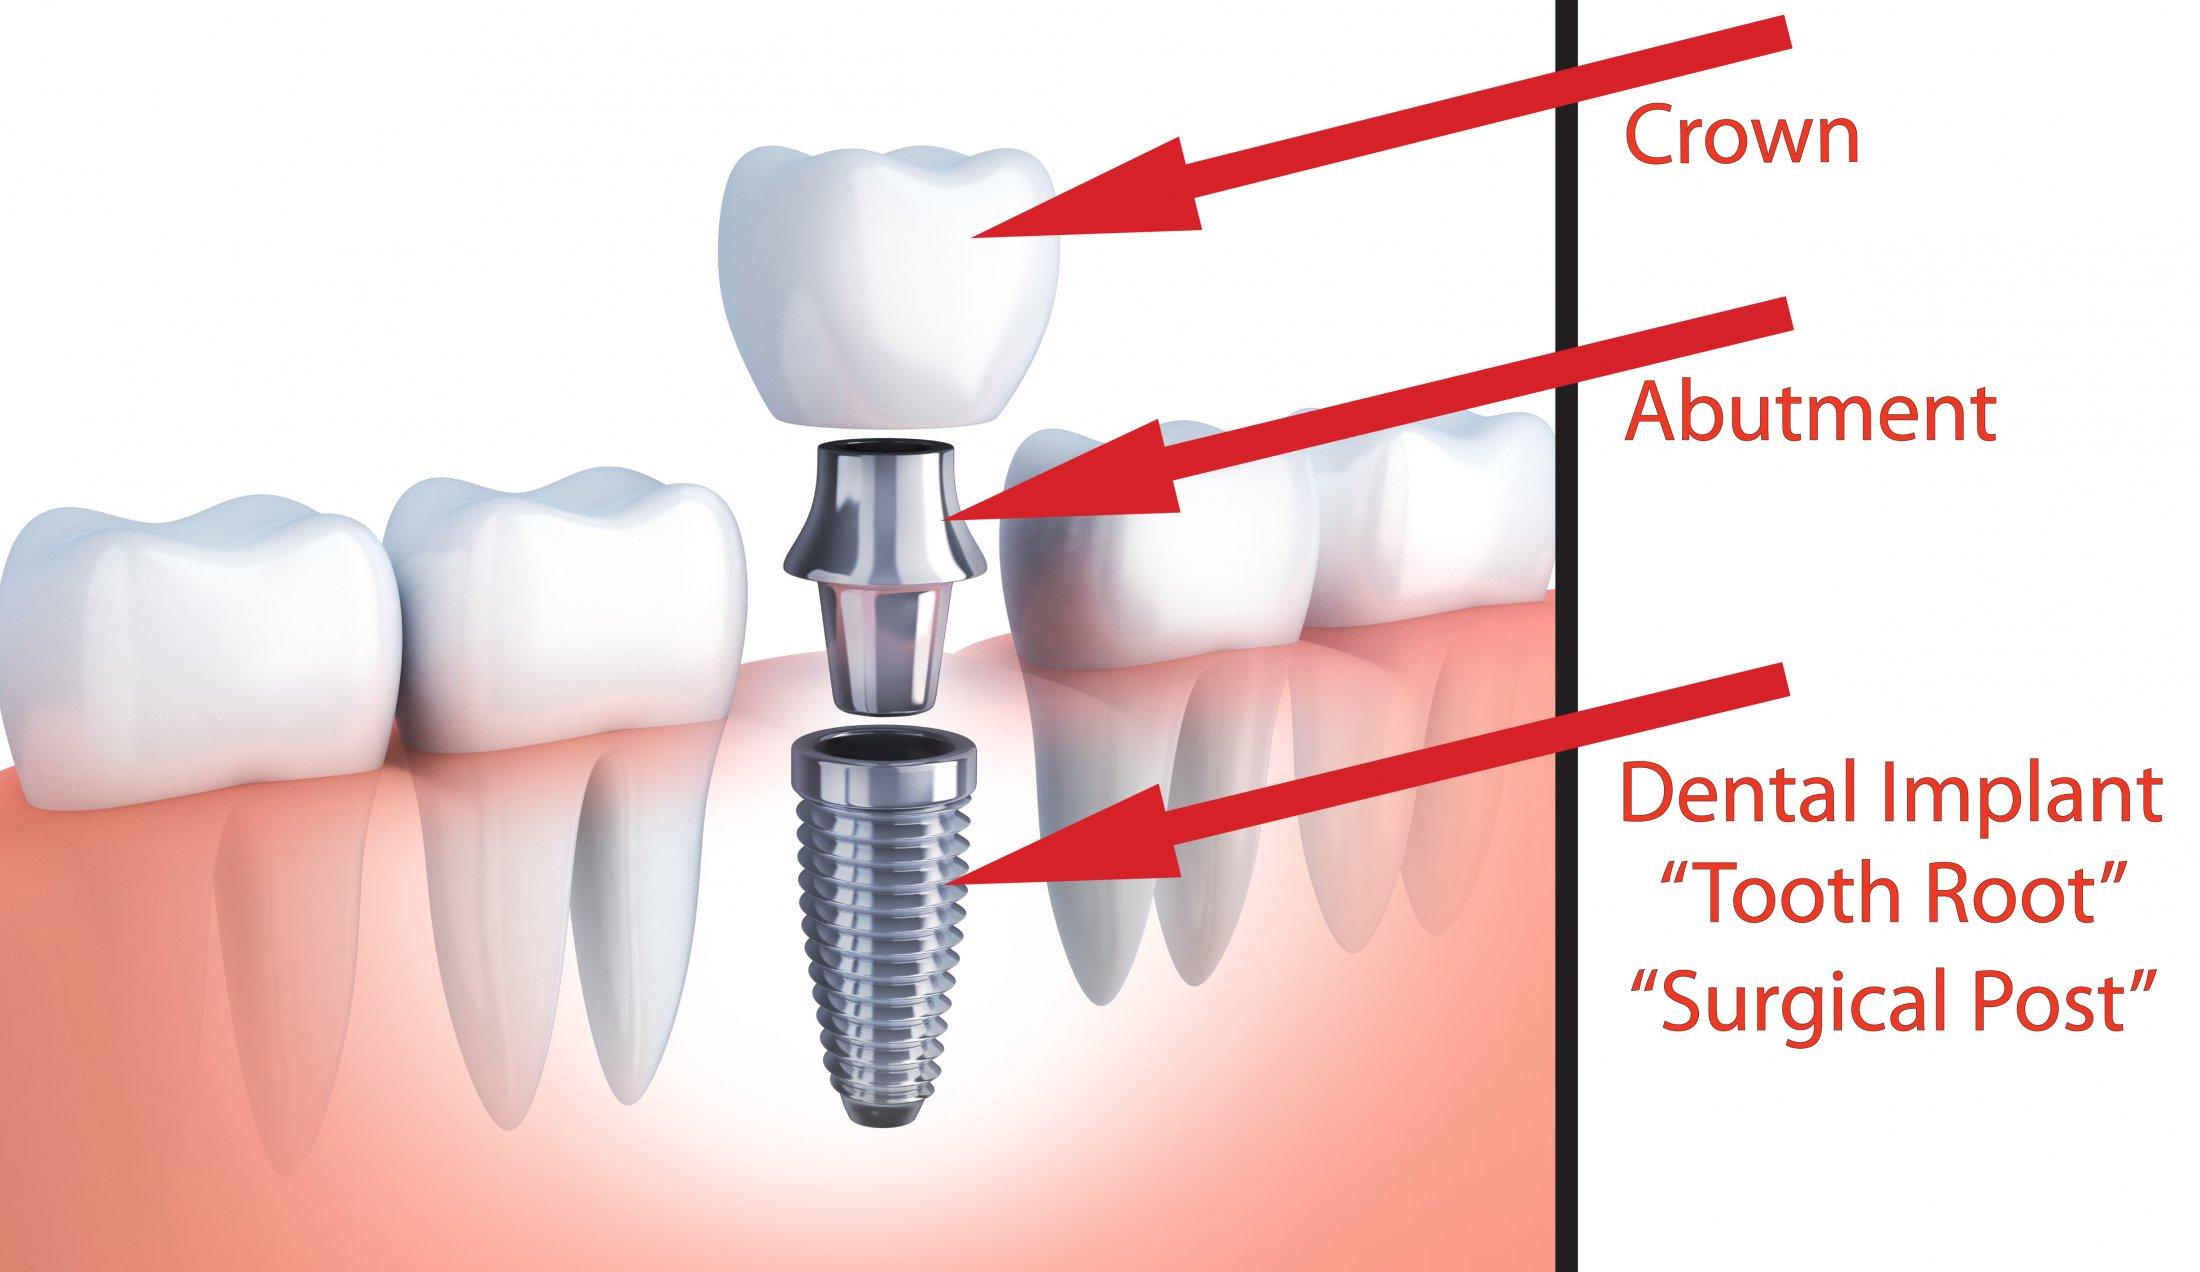 Детали имплантированного зуба